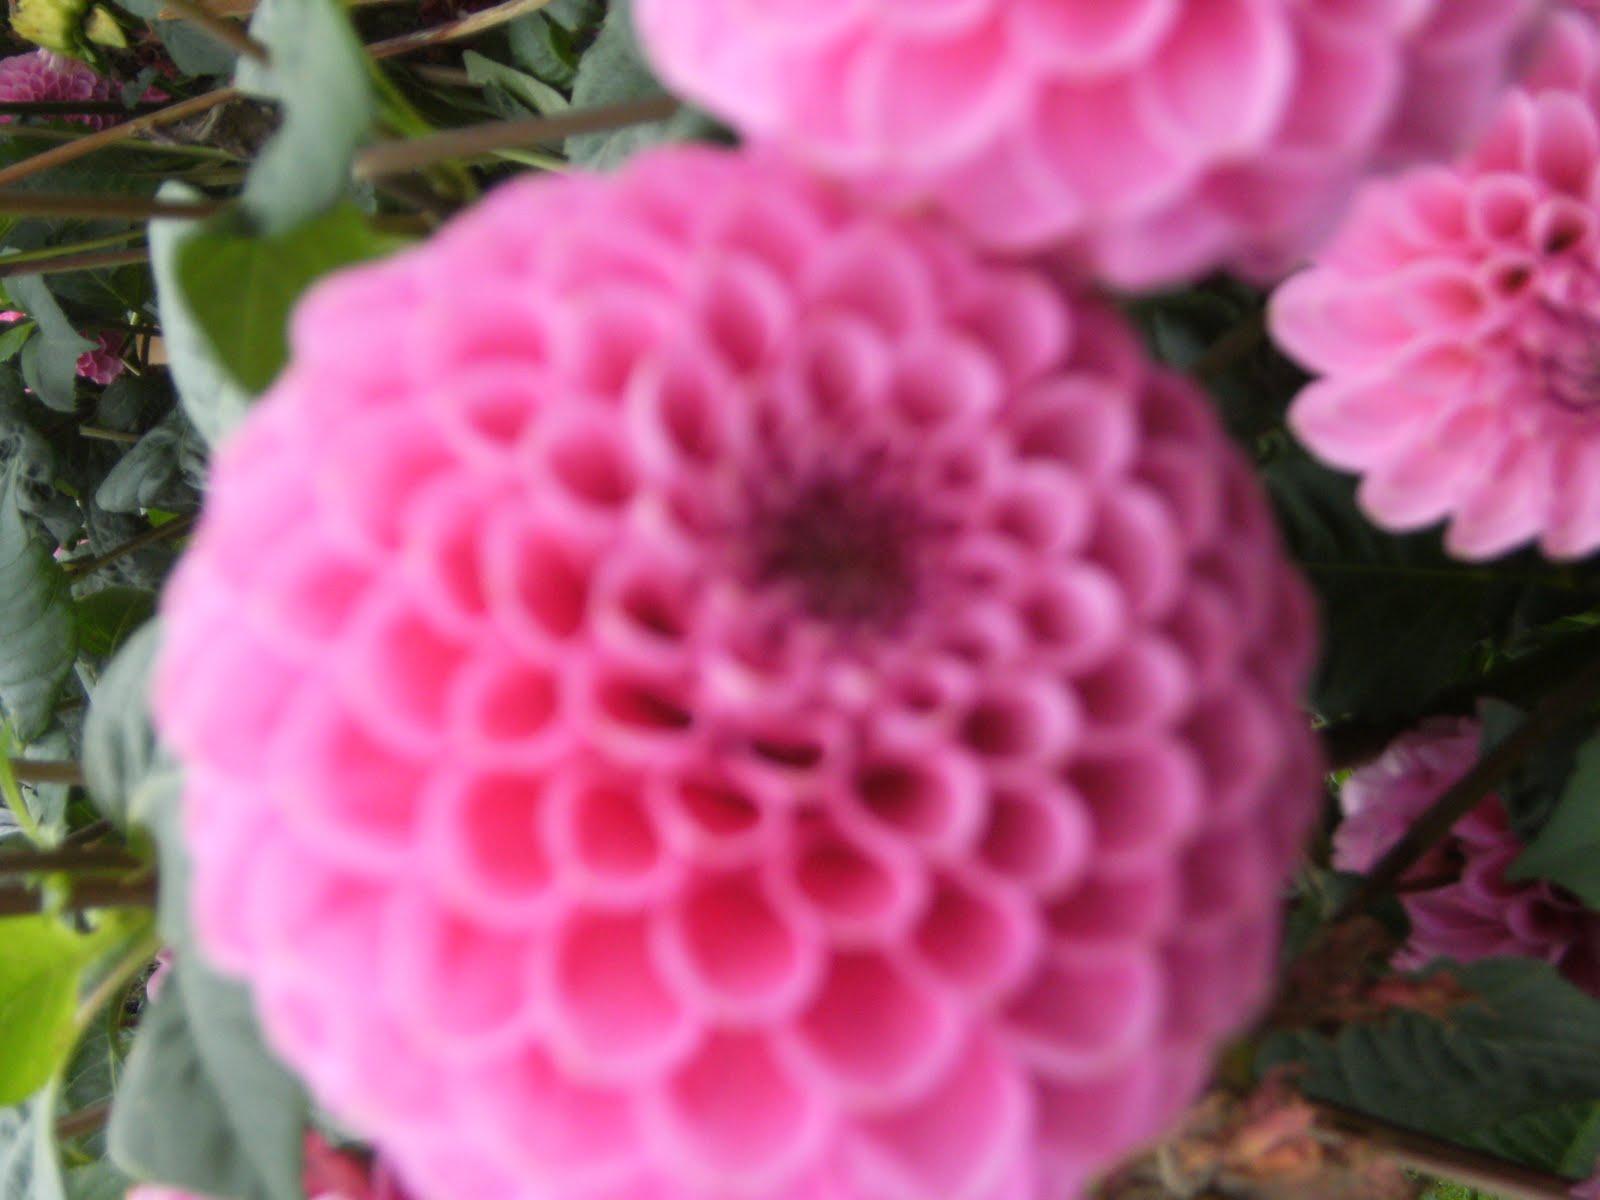 http://3.bp.blogspot.com/_nHblqOZoJ7I/S8Gy57-oOhI/AAAAAAAAAKI/GjR_jFJsGHQ/s1600/ireland+426.jpg